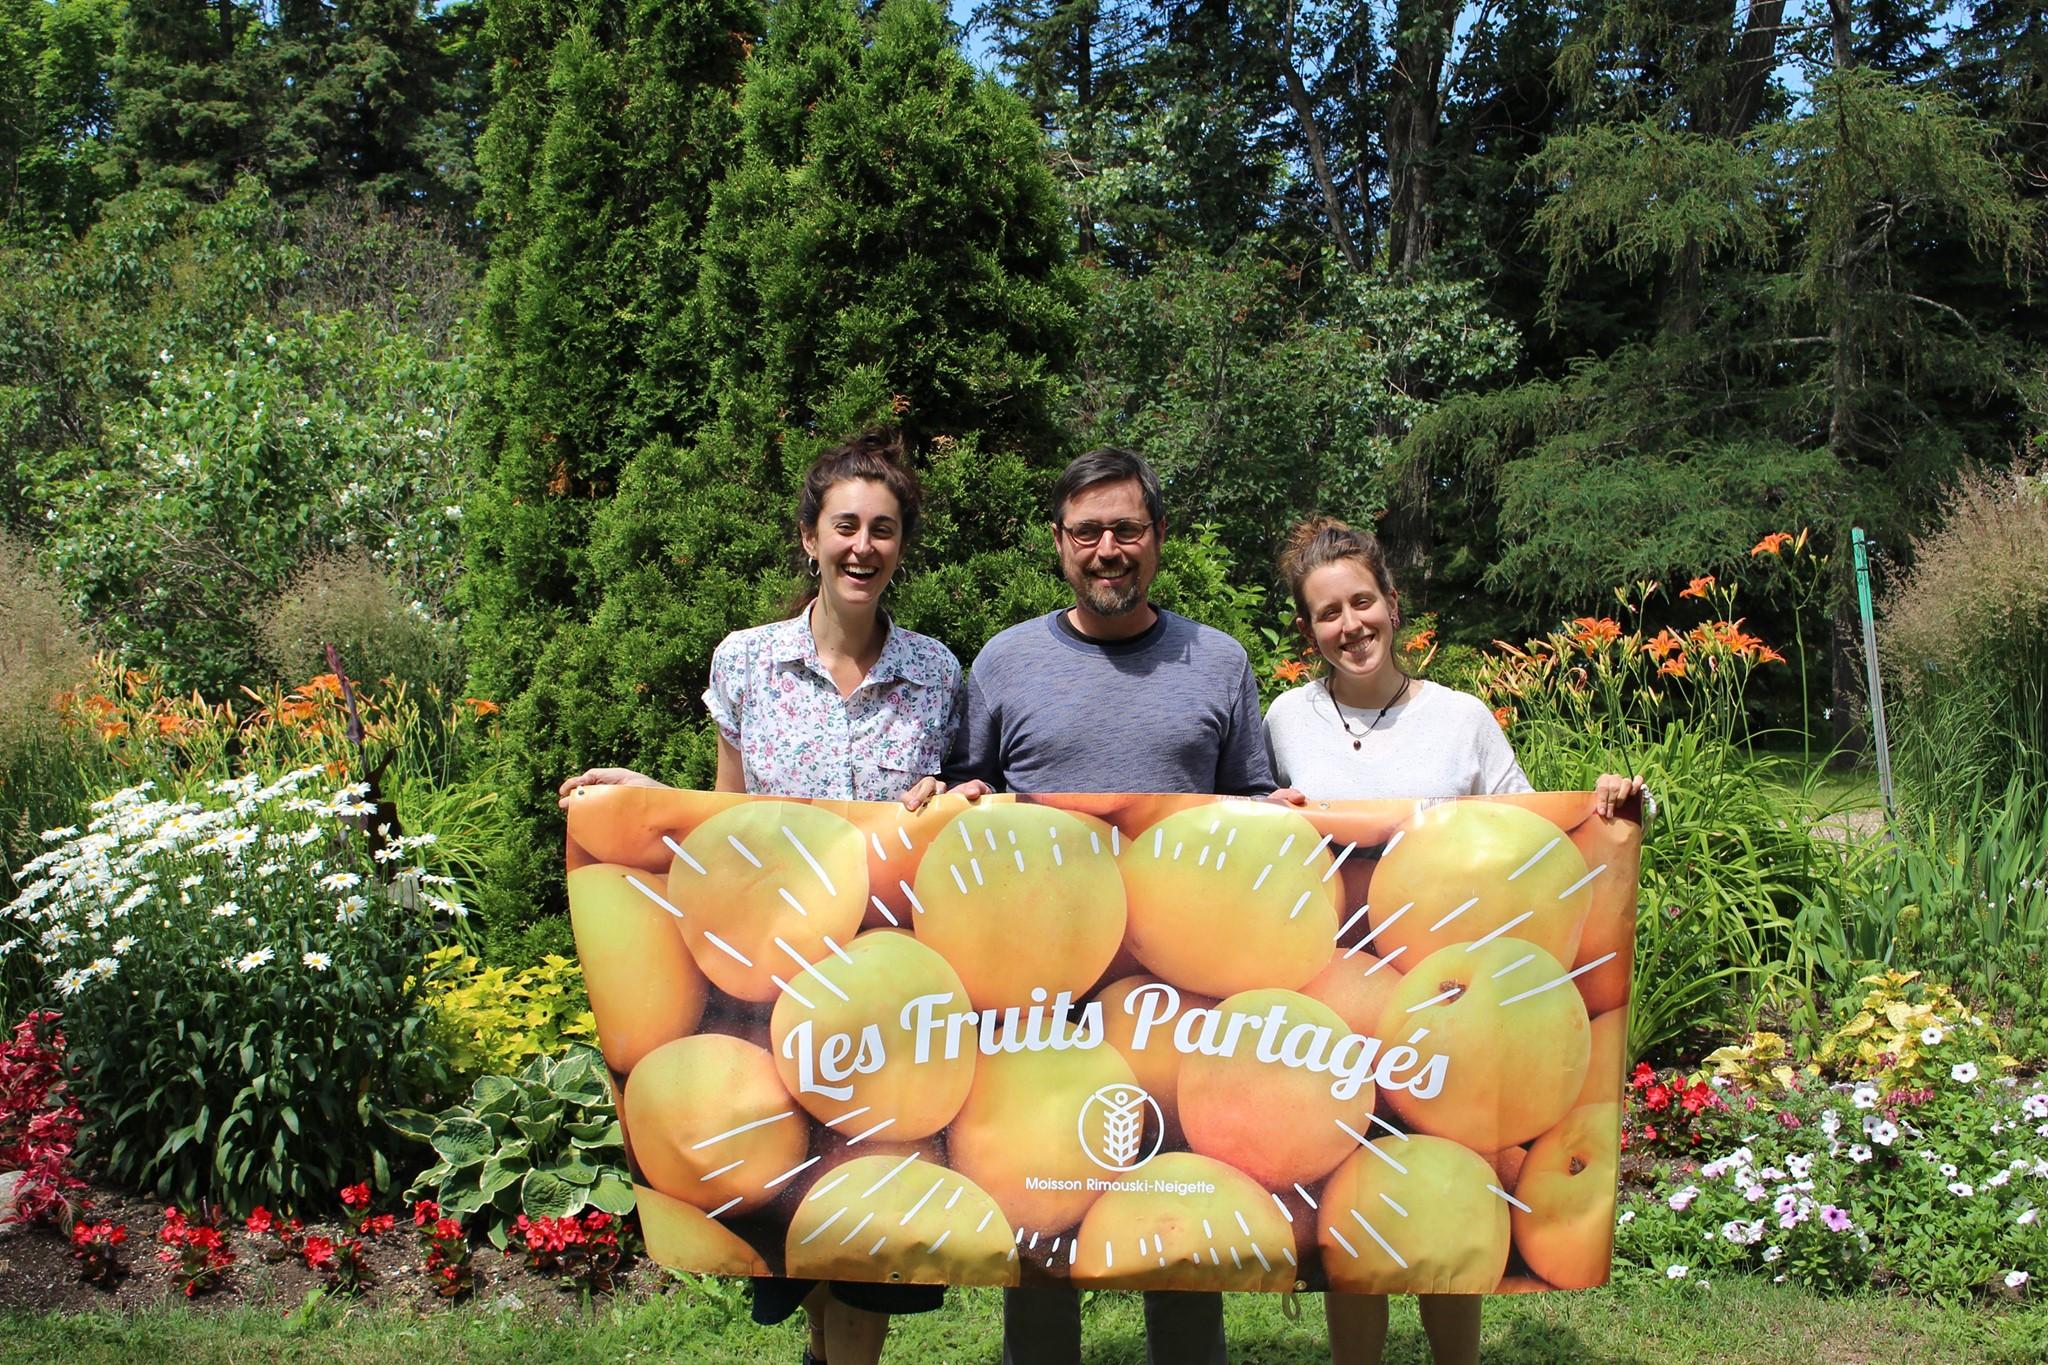 L'équipe des Fruits Partagés pour 2019, Marianne Poirier, Mathieu Boyd et Patricia Doré.